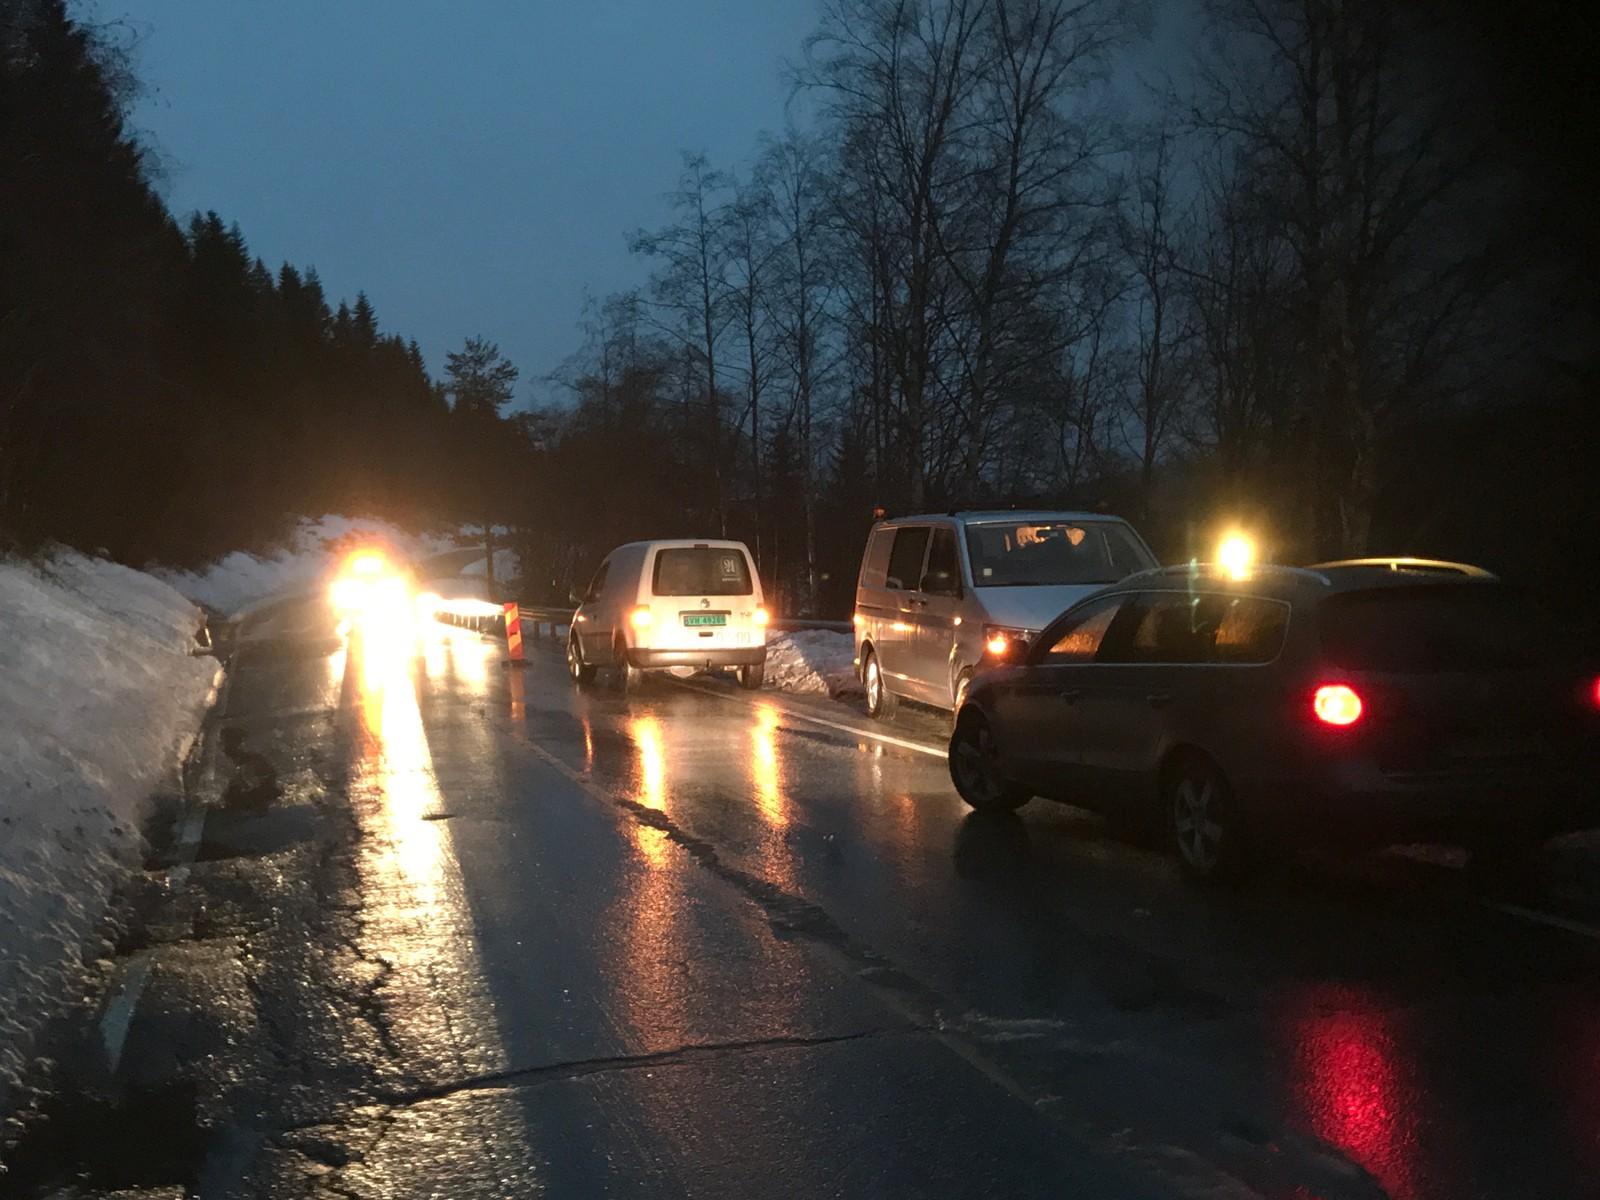 Trafikken på fylkesveg 30 ble stoppet i forbindelse med togavsporingen.